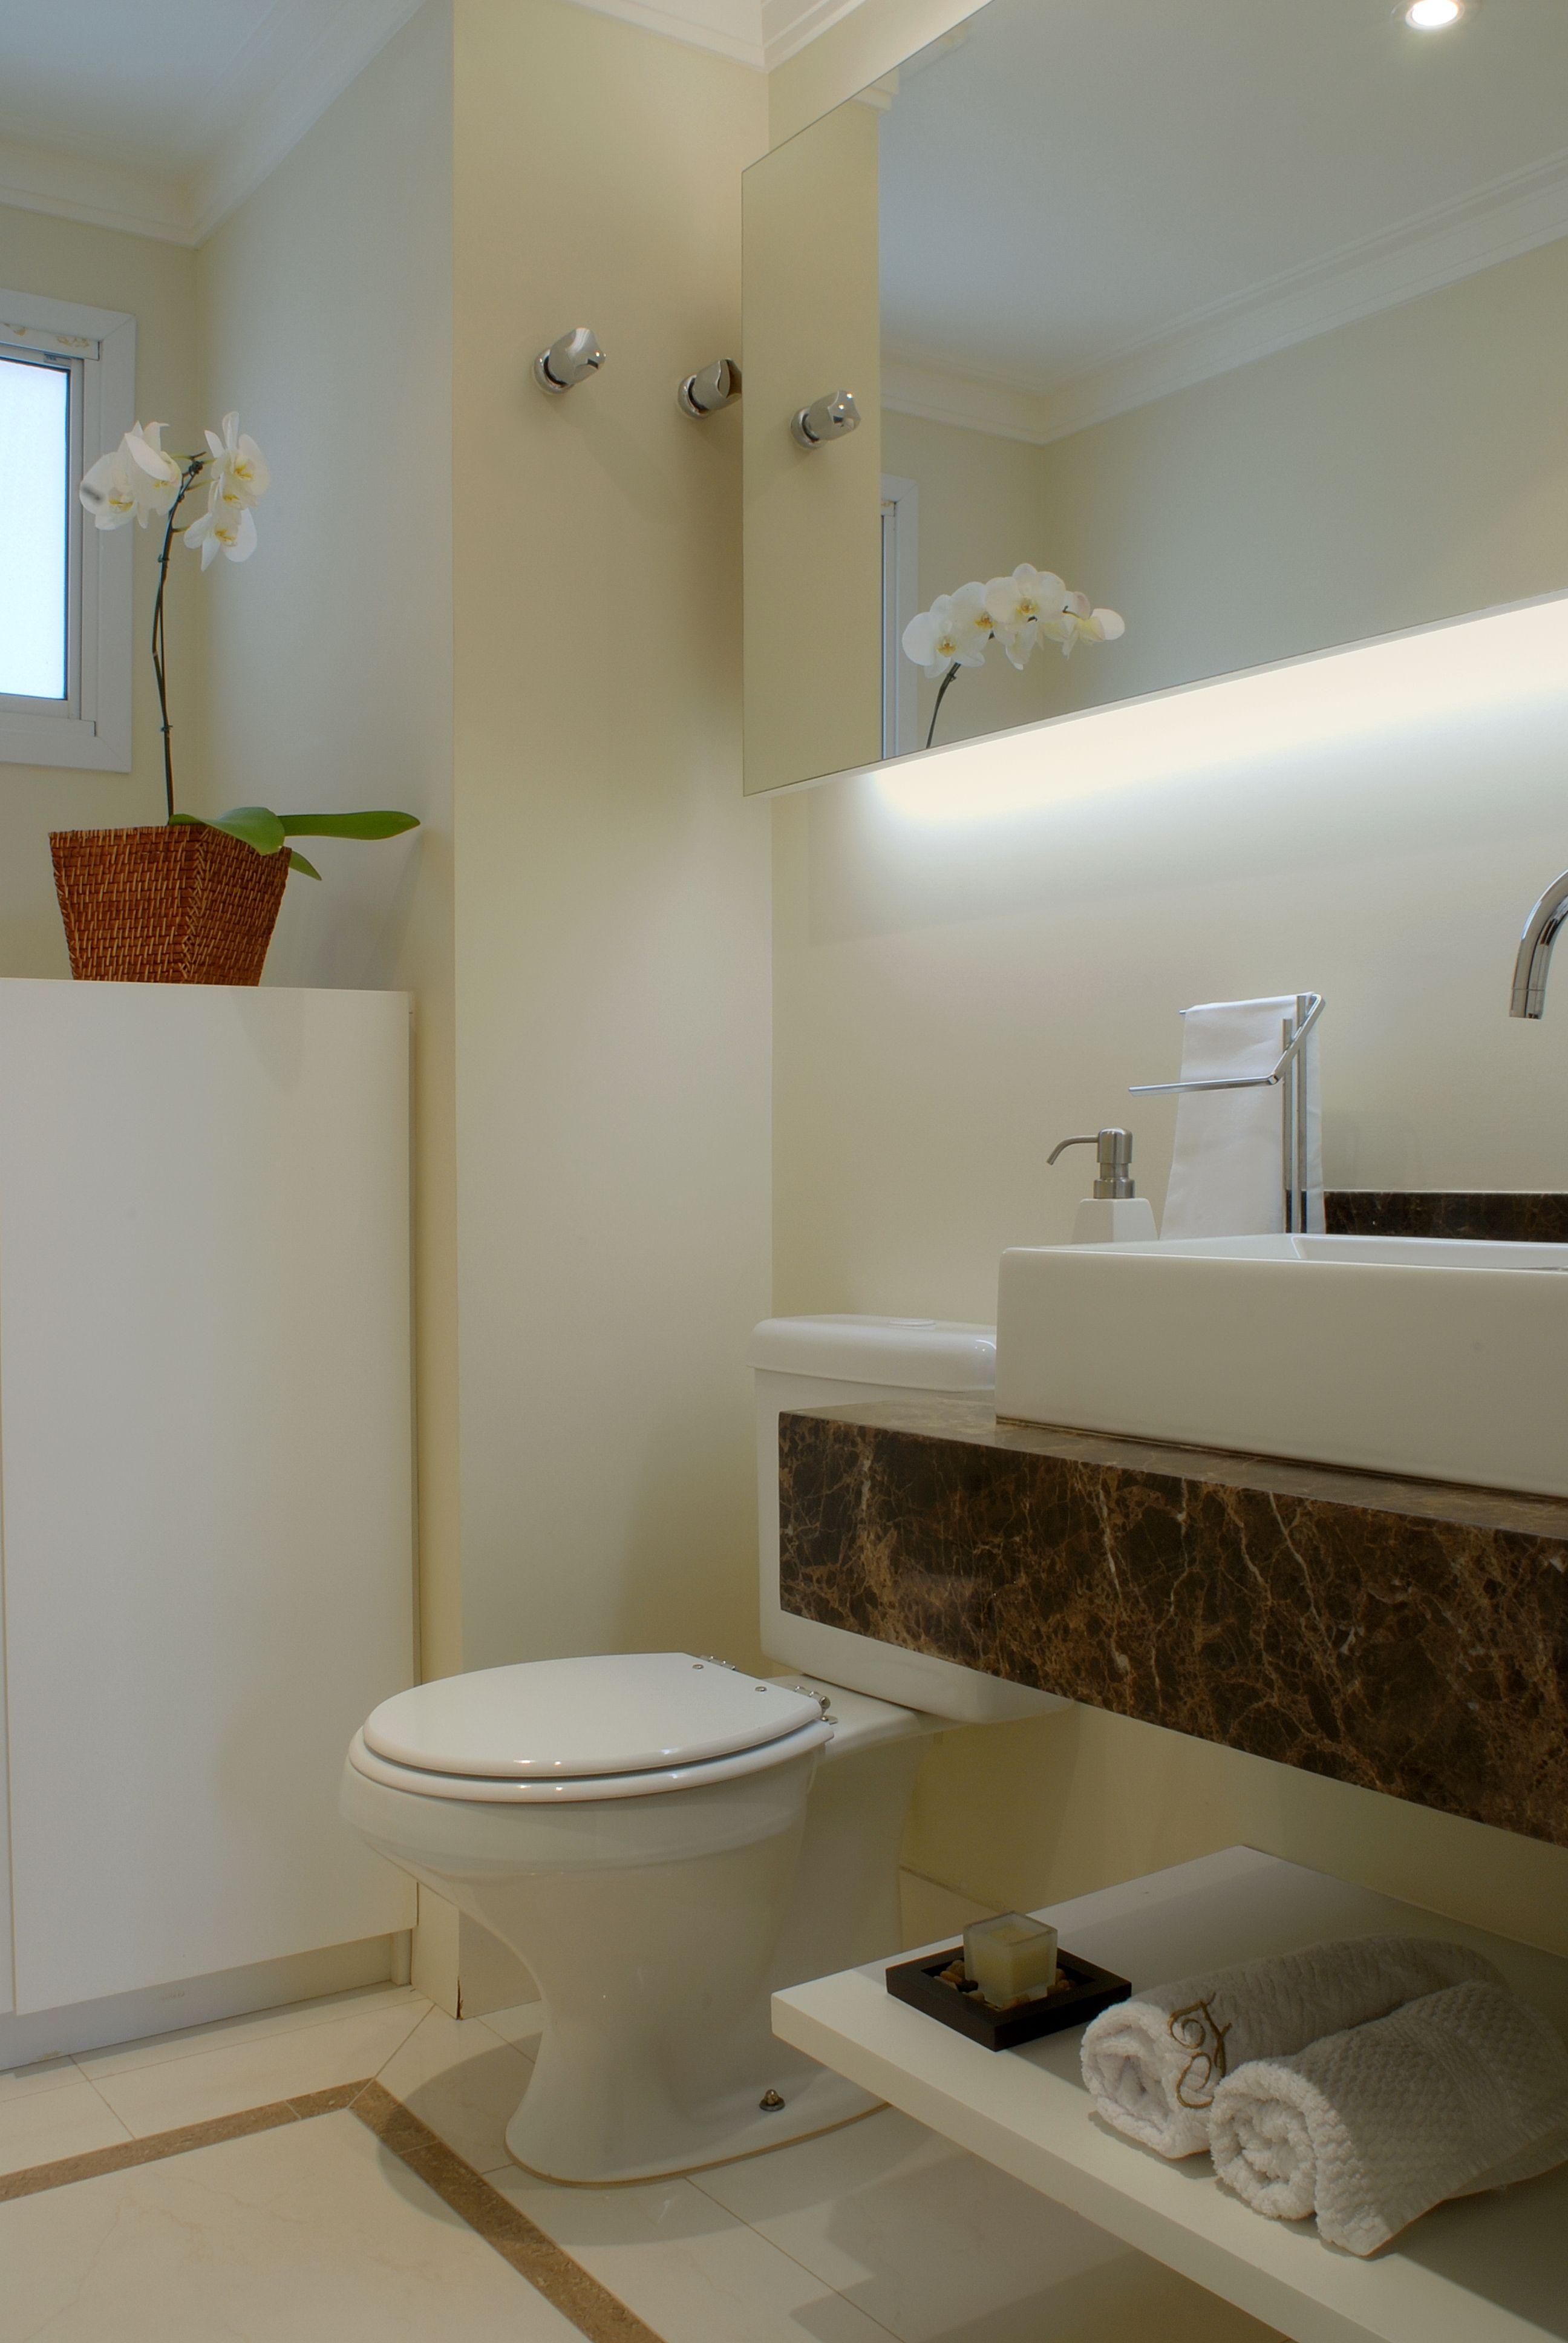 destaca bancada mármore marrom imperial Banheiros Pinterest #4C5D21 2592x3872 Banheiro Com Granito Marrom Imperial